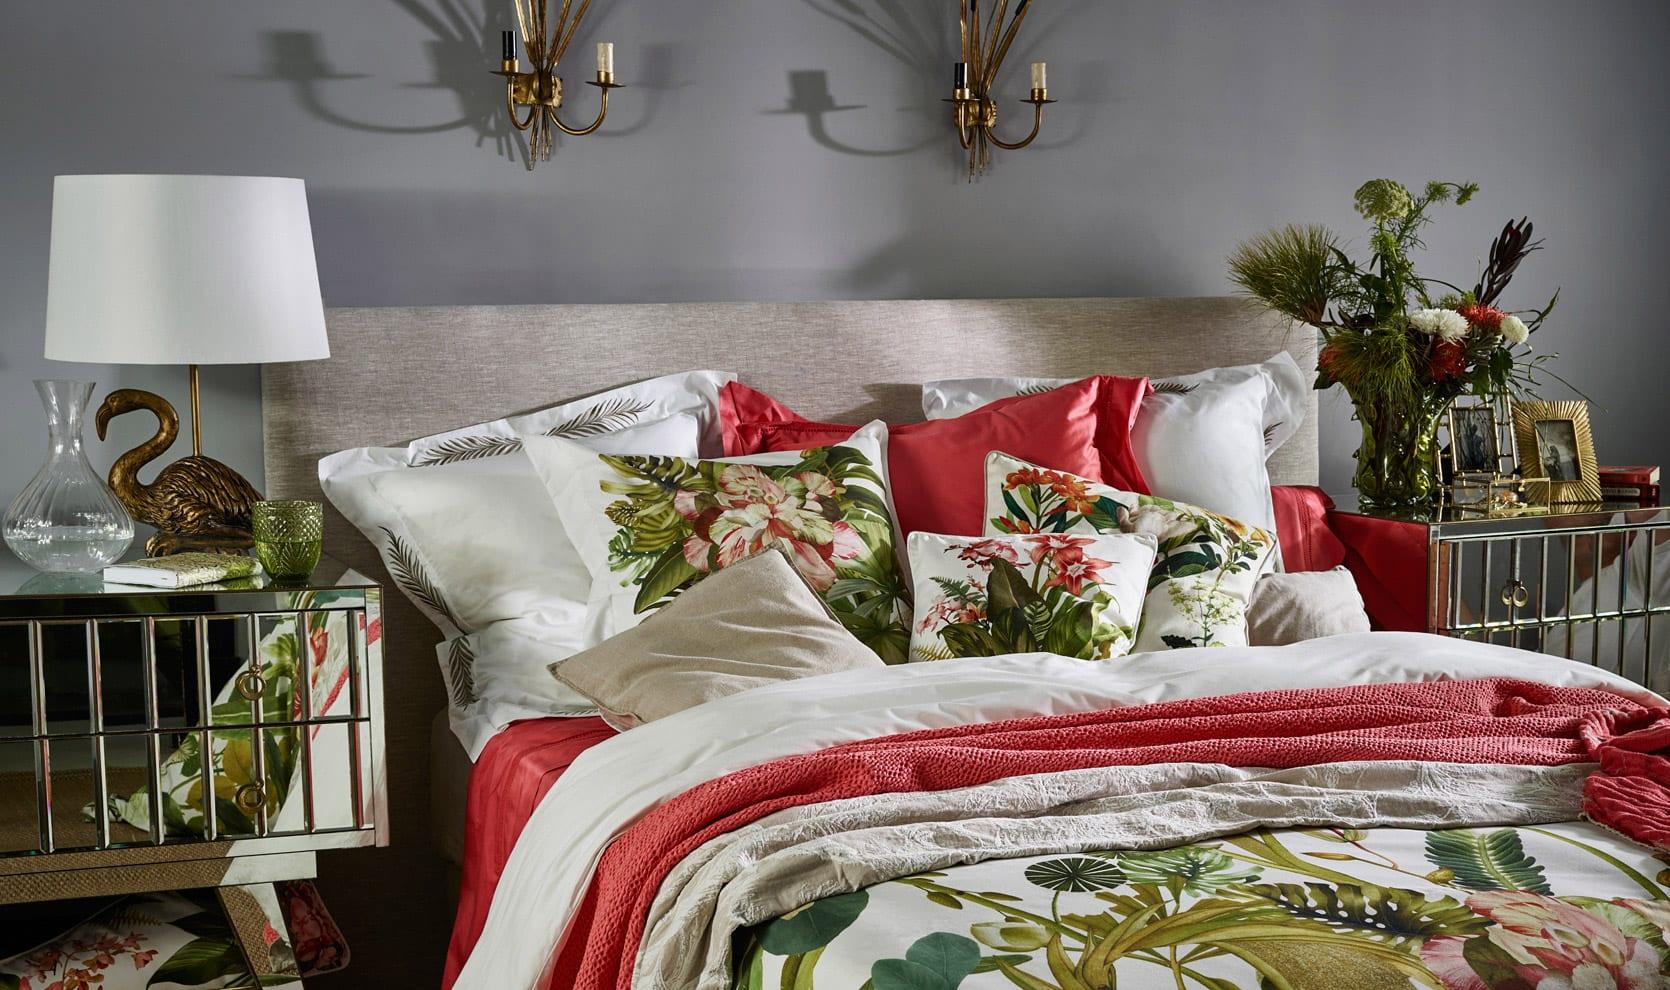 moderne und gemütliche schlafzimmer einrichten mit zara home bettwäsche pink und weiß mit pflanzenprint